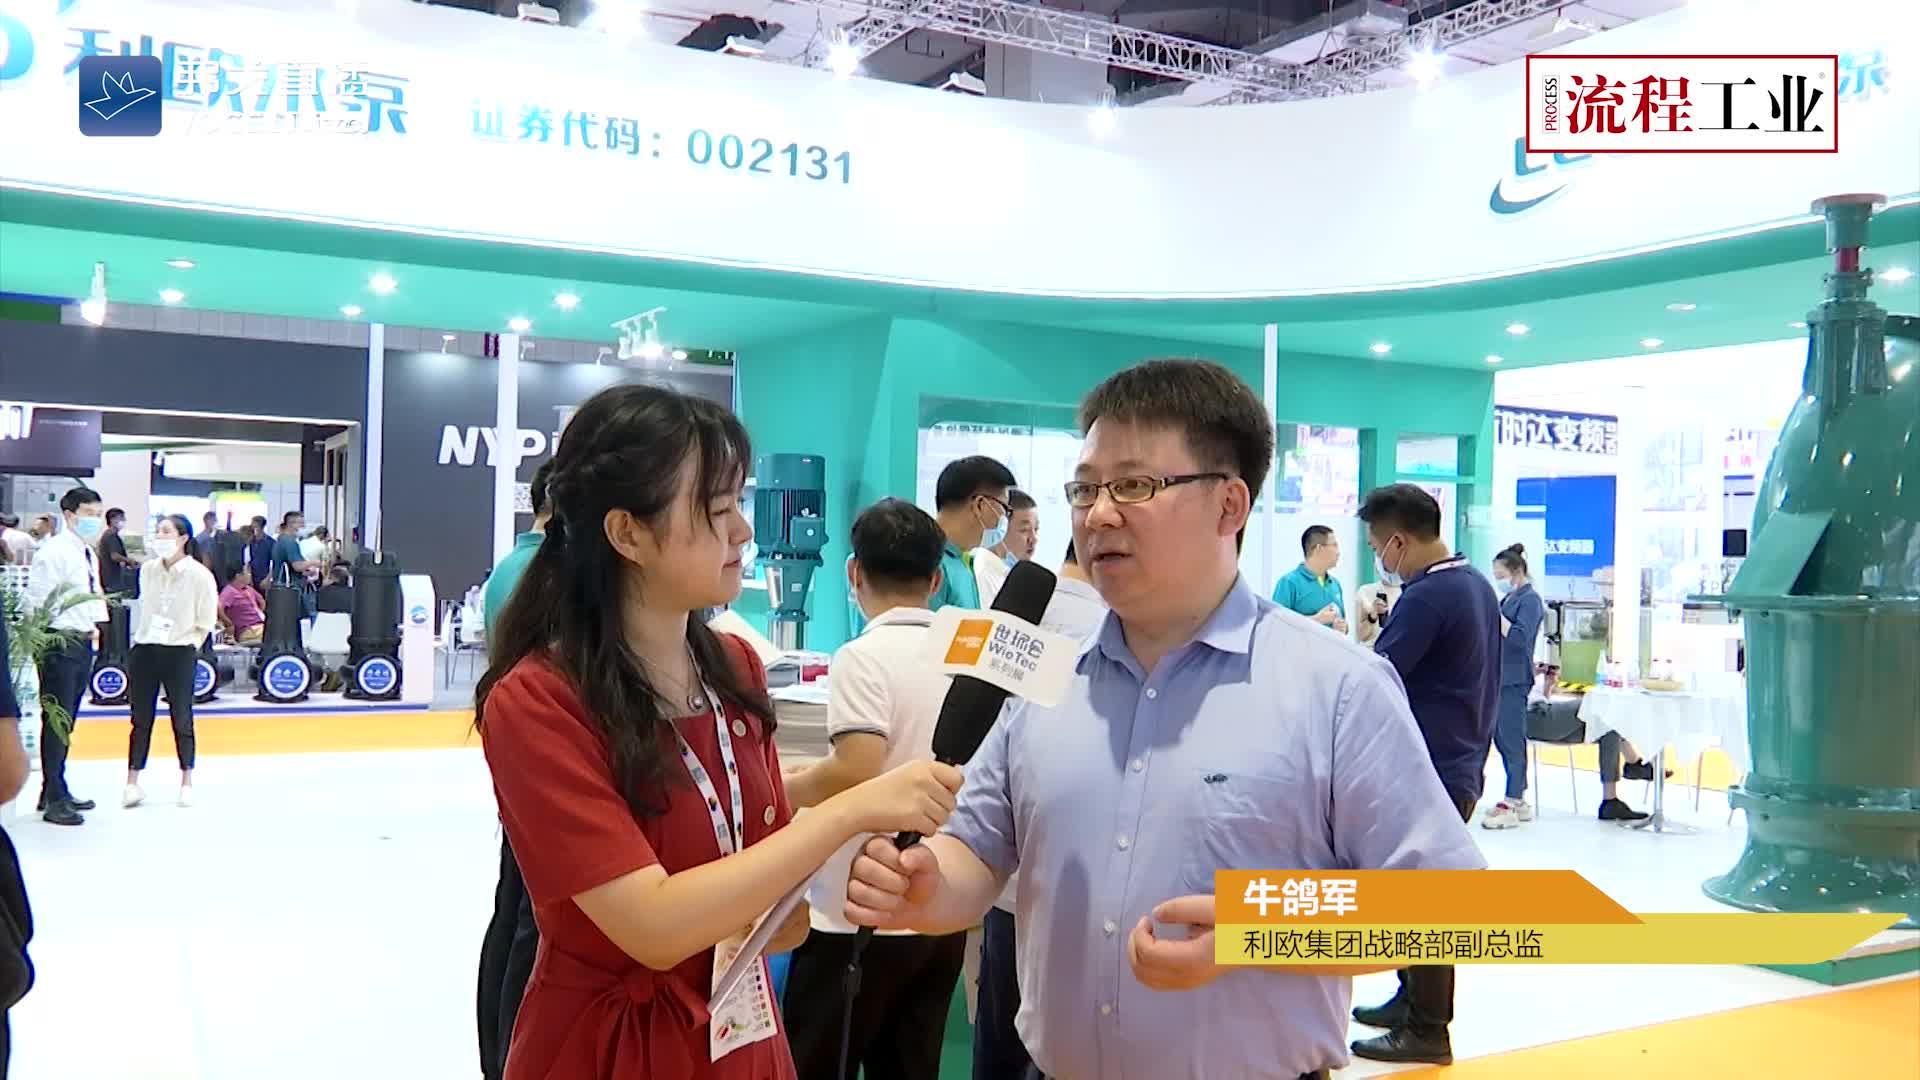 第九届上海国际泵阀展览会专访——利欧集团战略部副总监牛鸽军先生